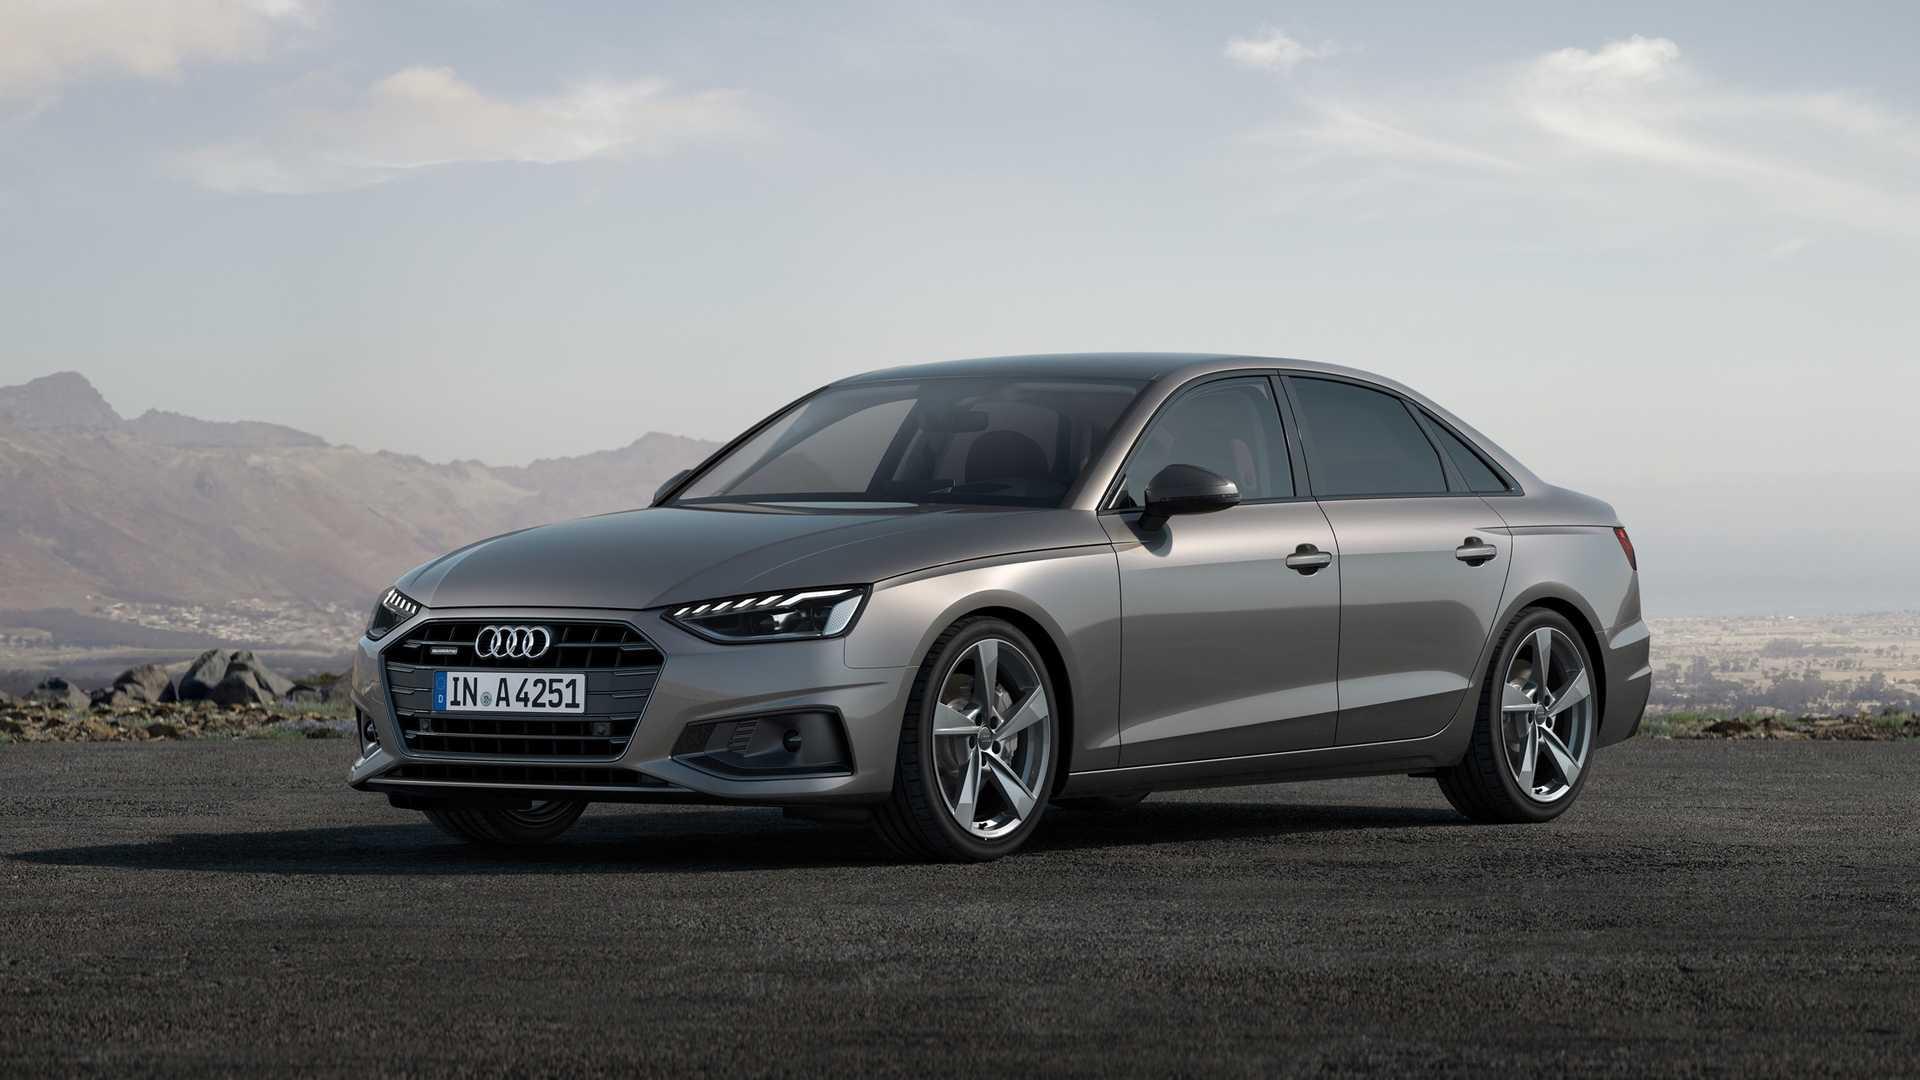 У Audi появился топовый дизельный двигатель в 340 лошадей и ряд обновлений модели A4